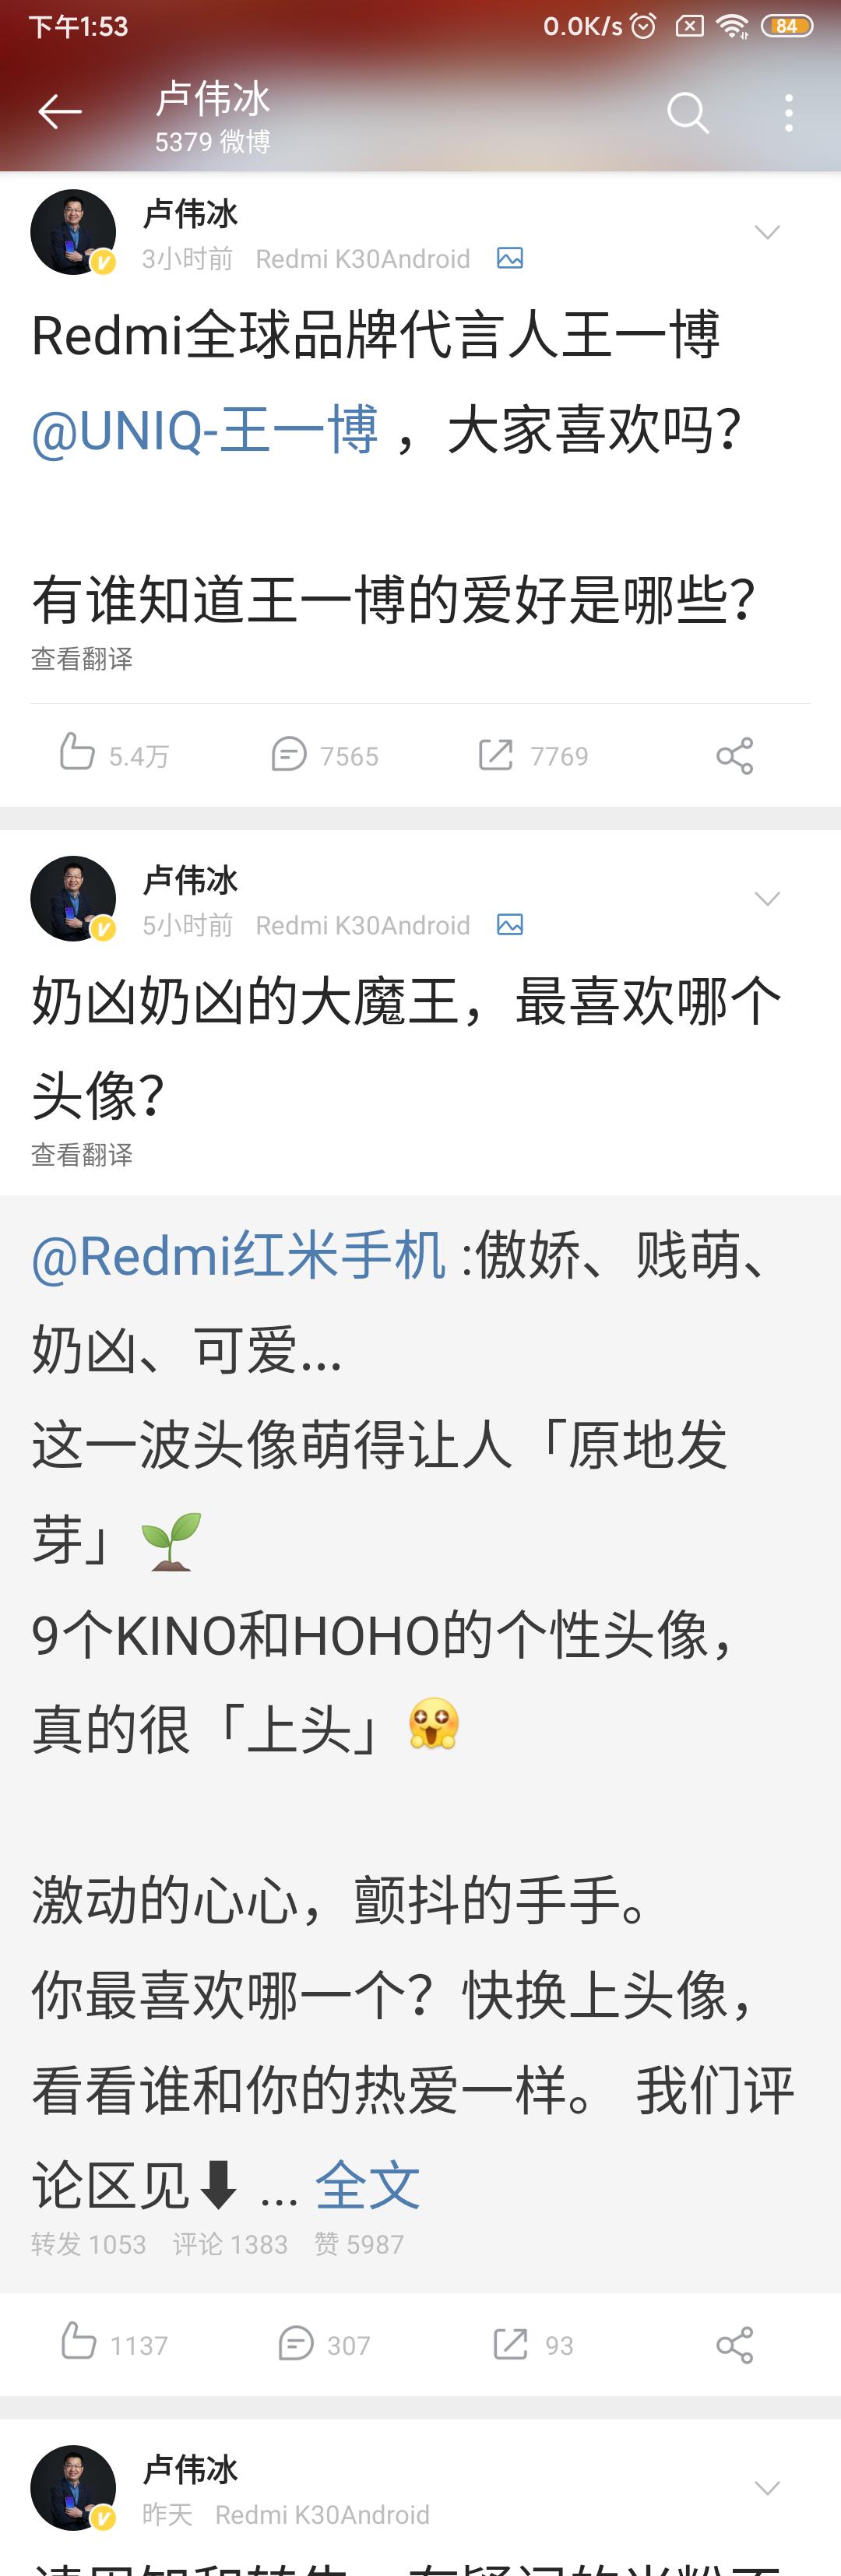 如何看待红米 Redmi K30 系列找王一博代言?反映了红米现在怎样的市场策略?相关的图片